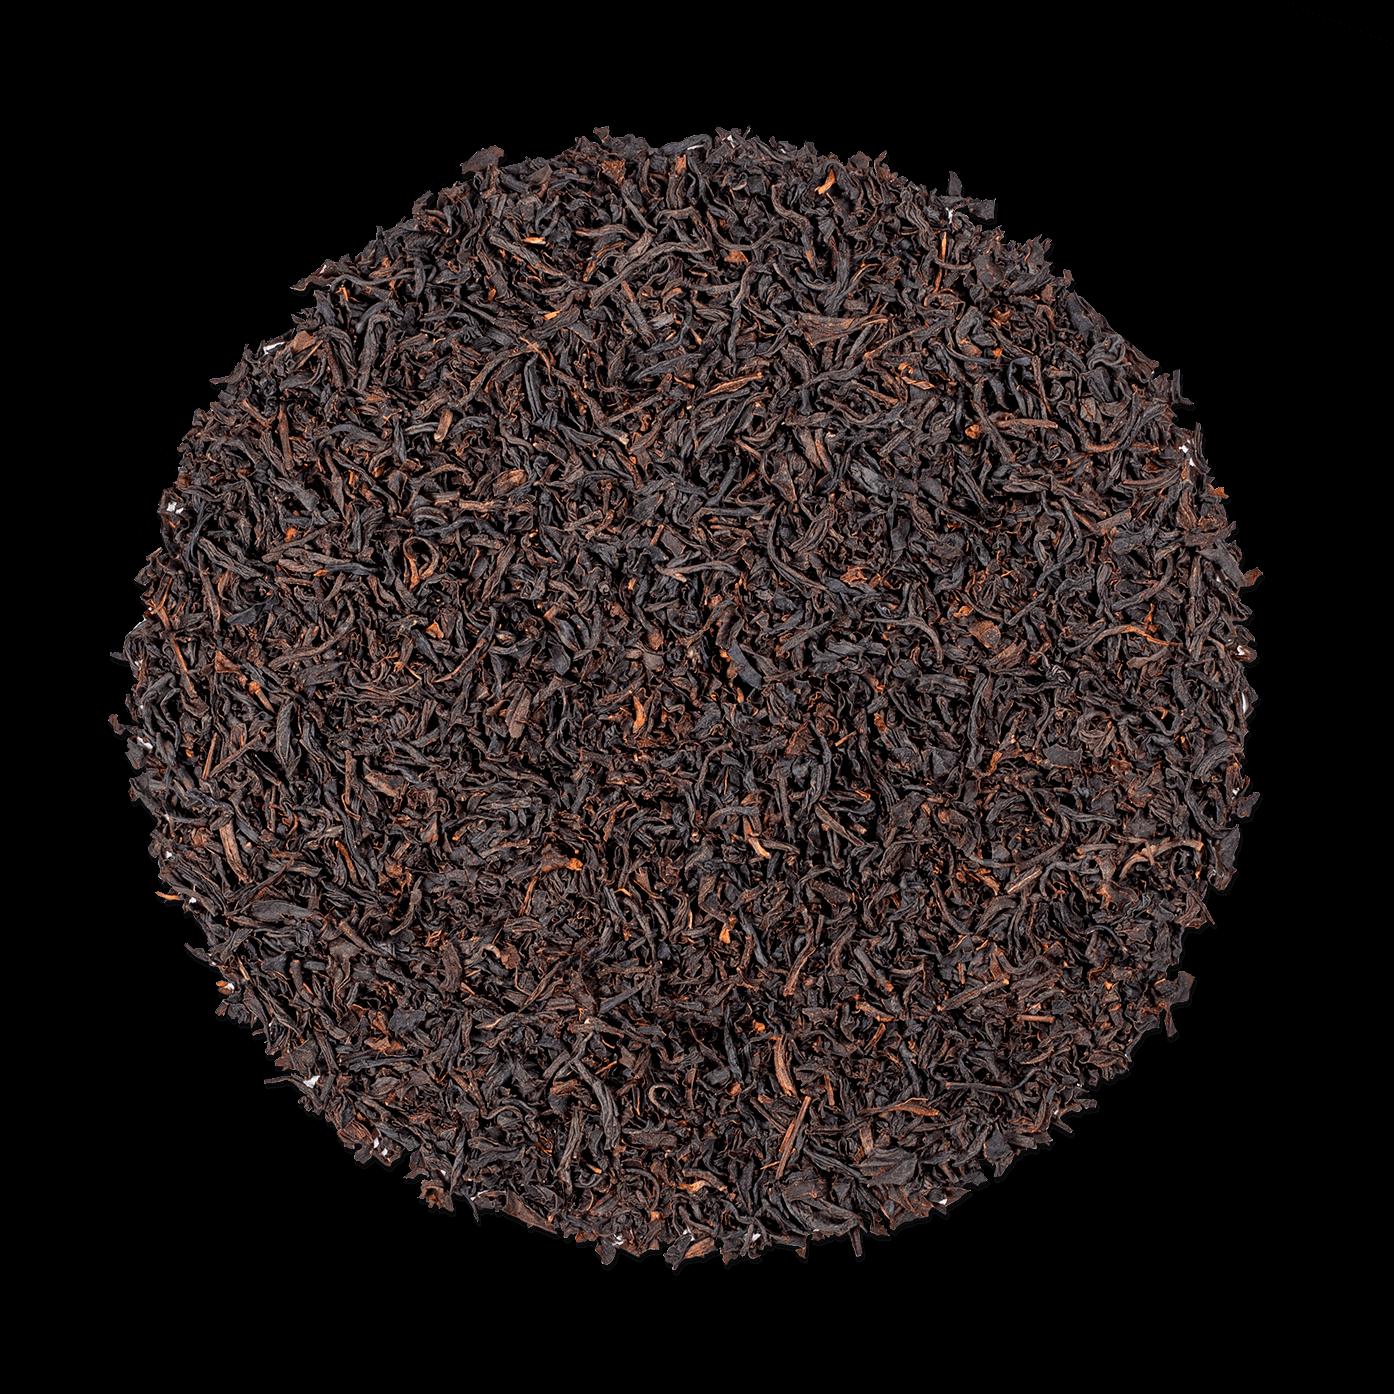 Earl Grey déthéiné aux agrumes - Thé noir détheiné aux huiles essentielles d'agrumes - Thé en vrac - Kusmi Tea